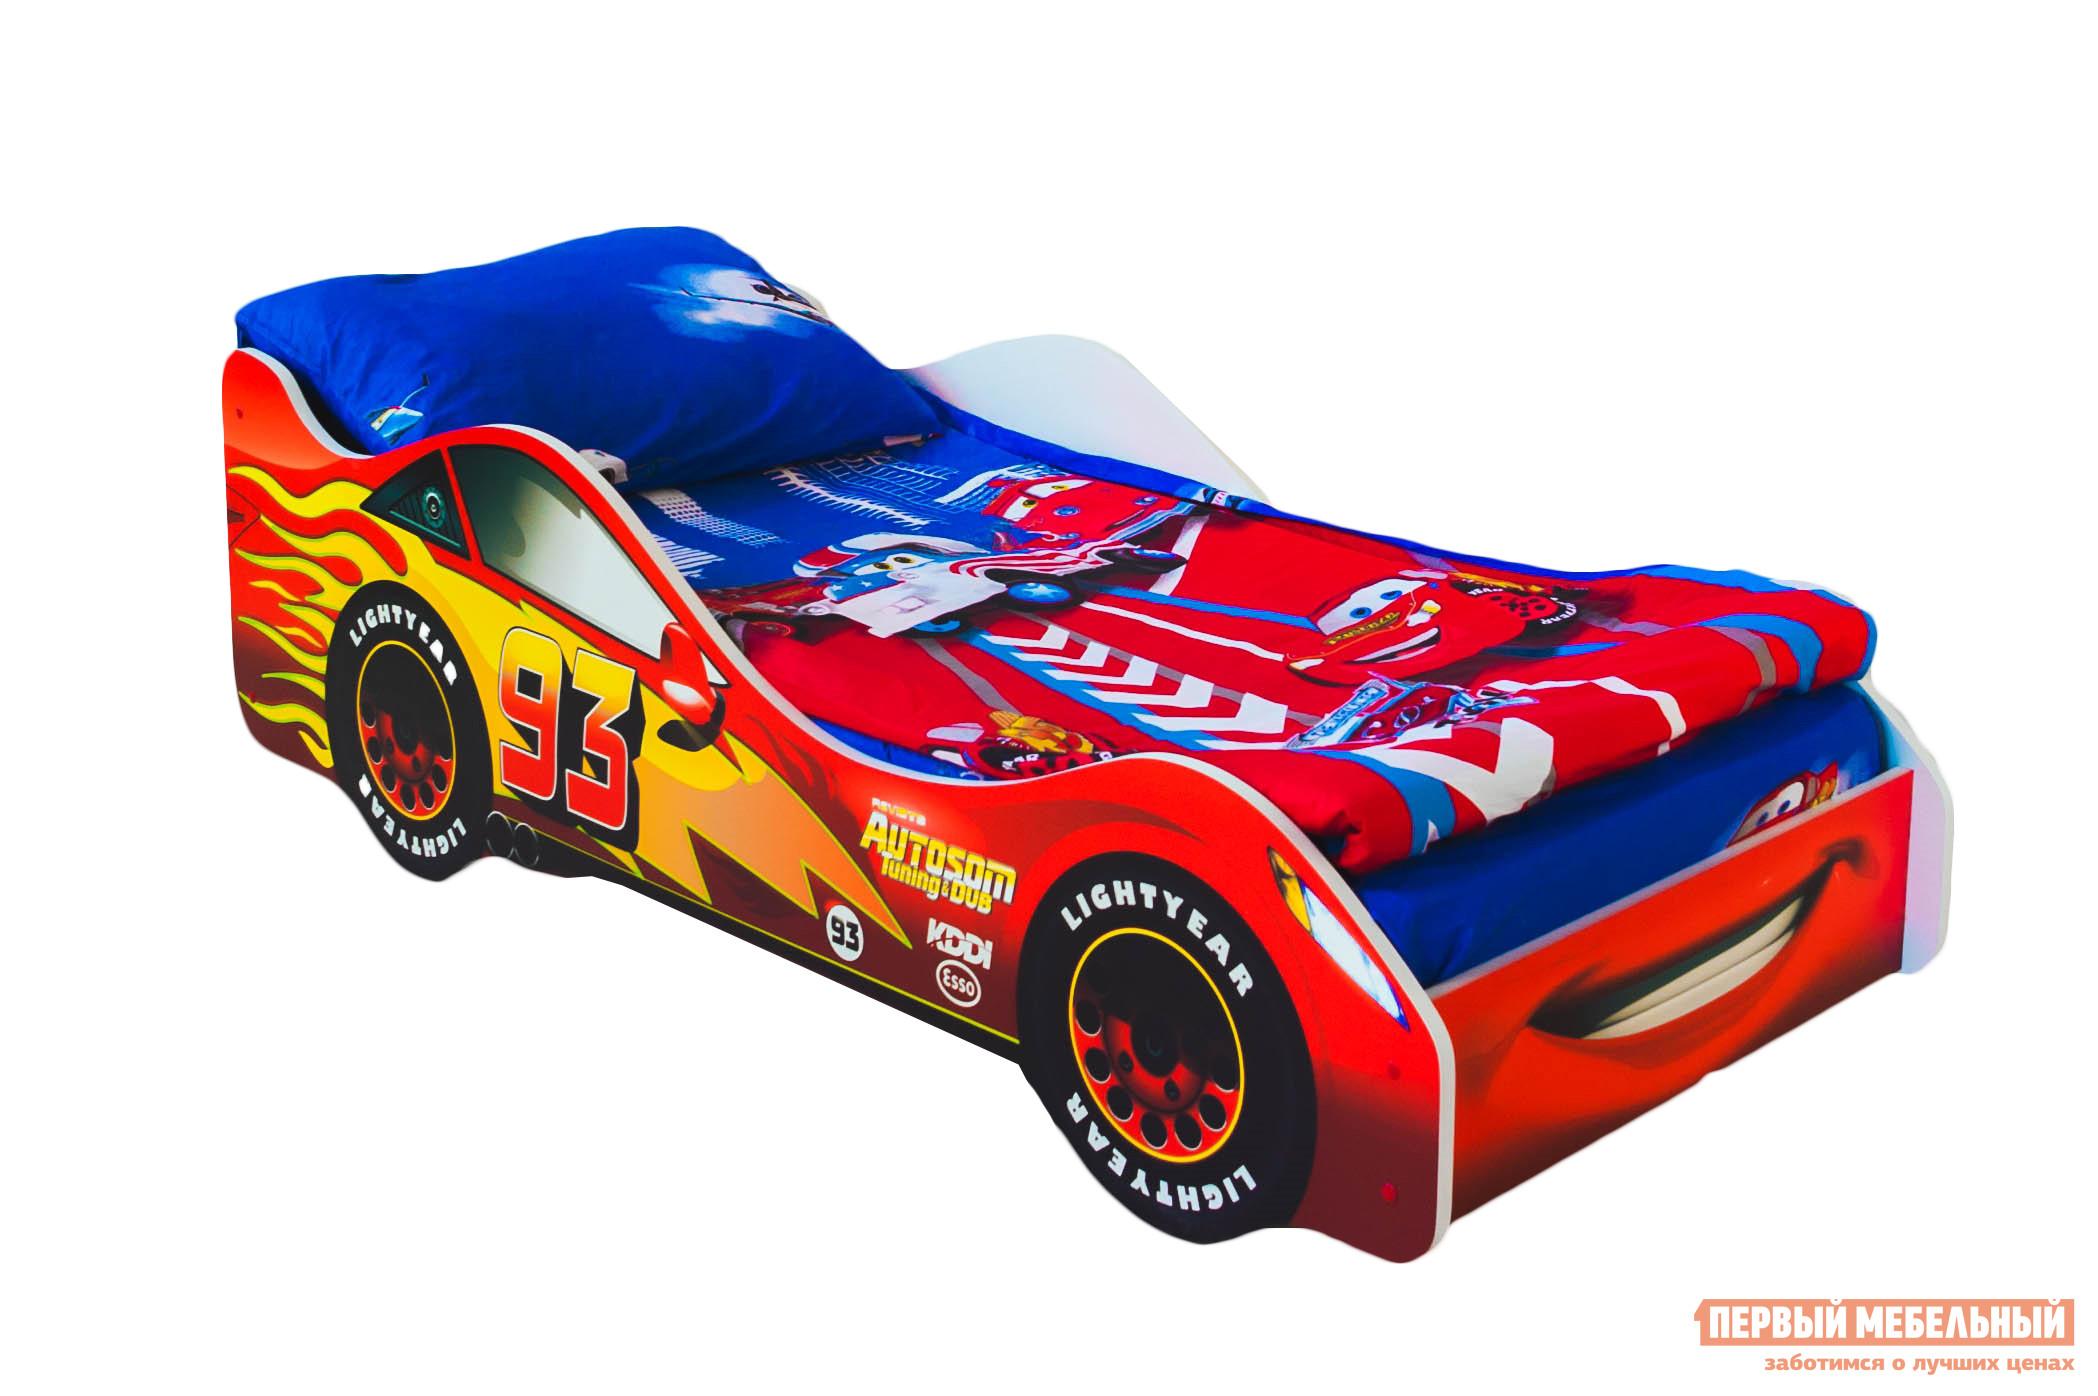 Детская двухъярусная кровать Бельмарко Тачка Красный от Купистол